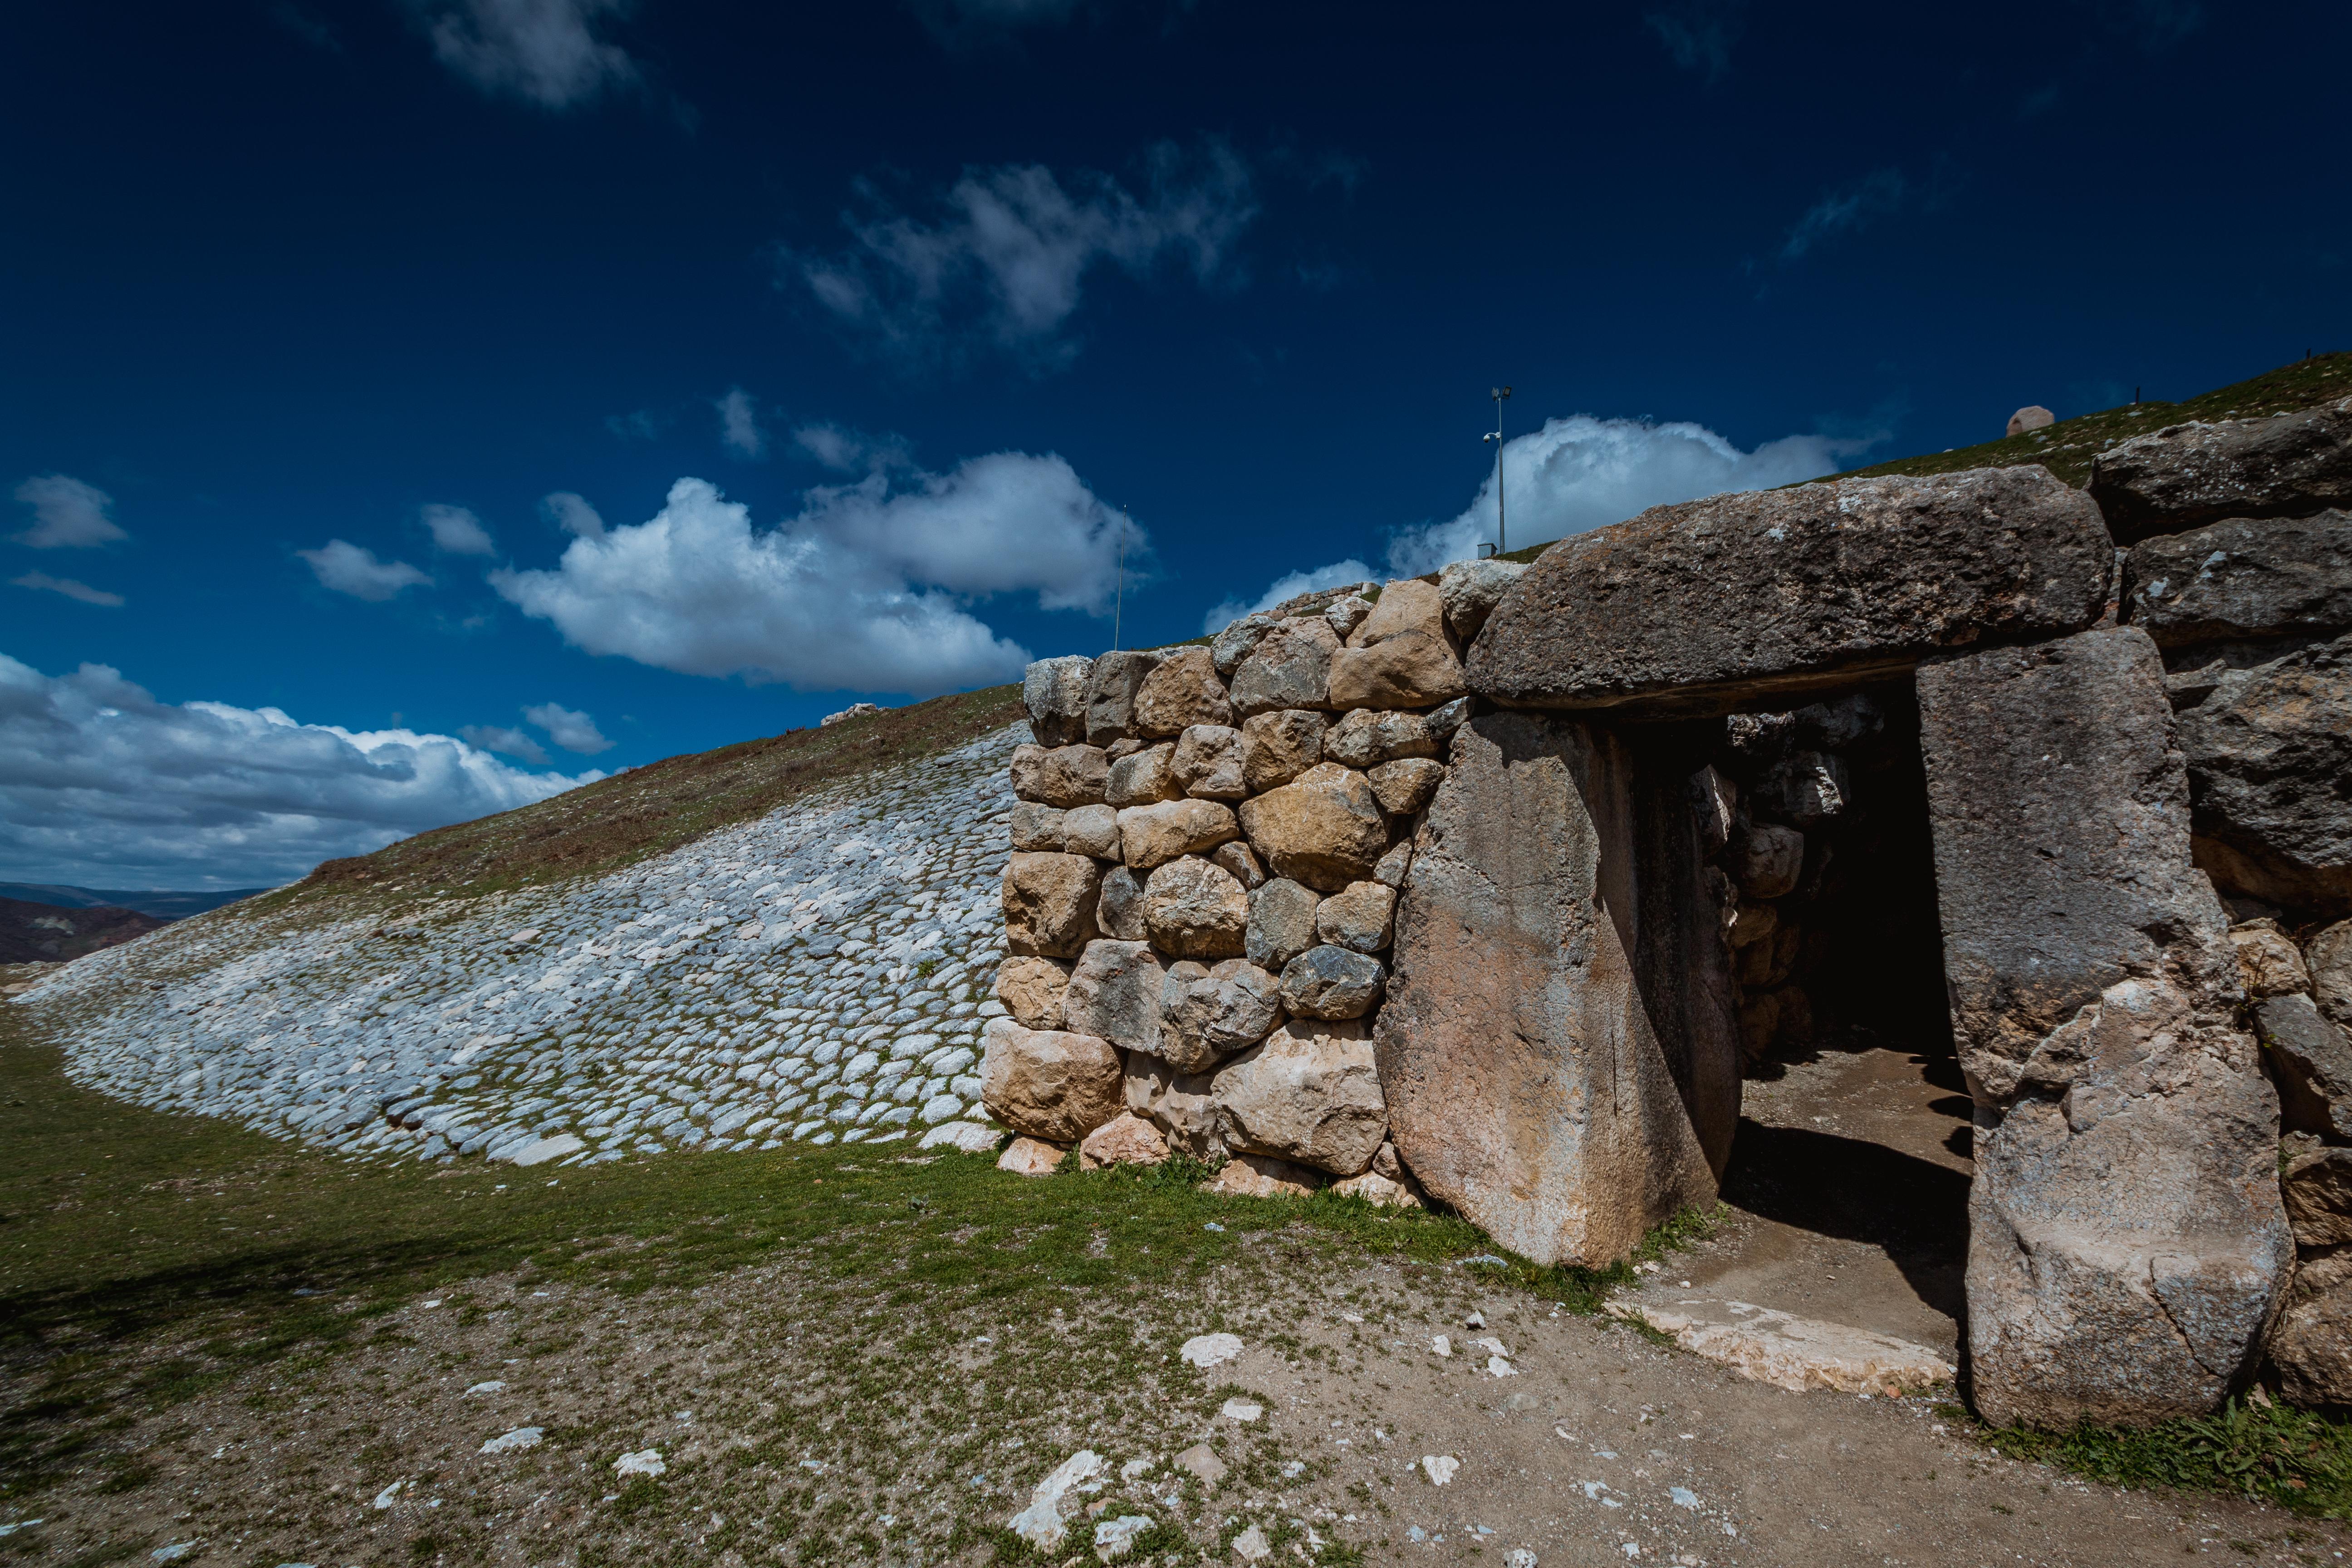 The walls of Hattusa